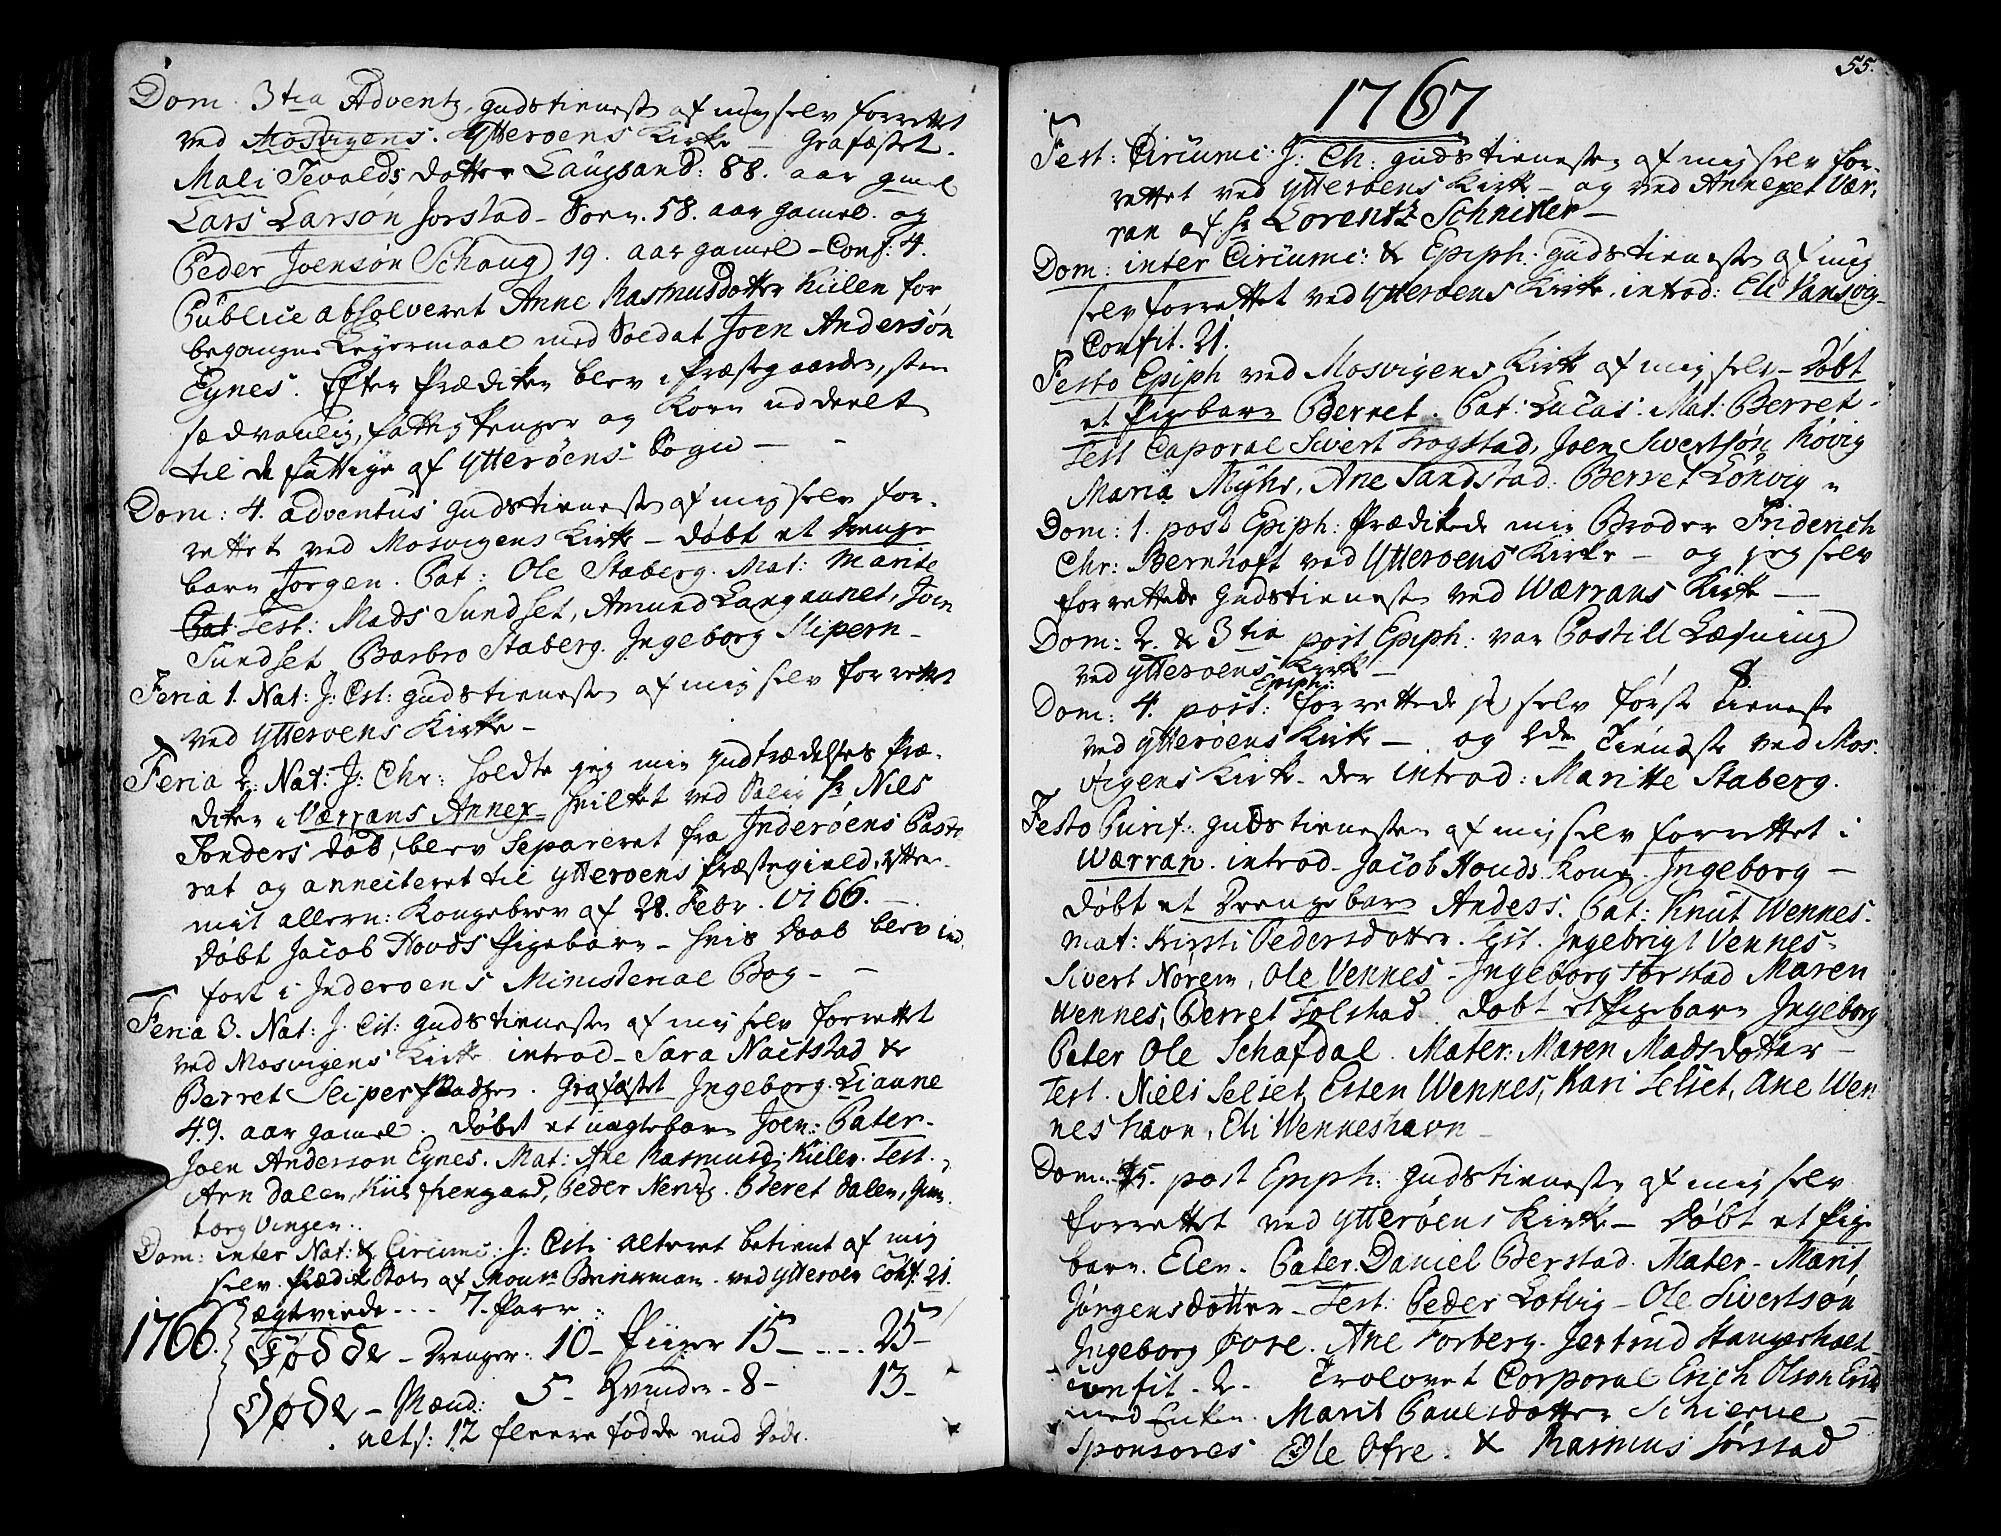 SAT, Ministerialprotokoller, klokkerbøker og fødselsregistre - Nord-Trøndelag, 722/L0216: Ministerialbok nr. 722A03, 1756-1816, s. 55